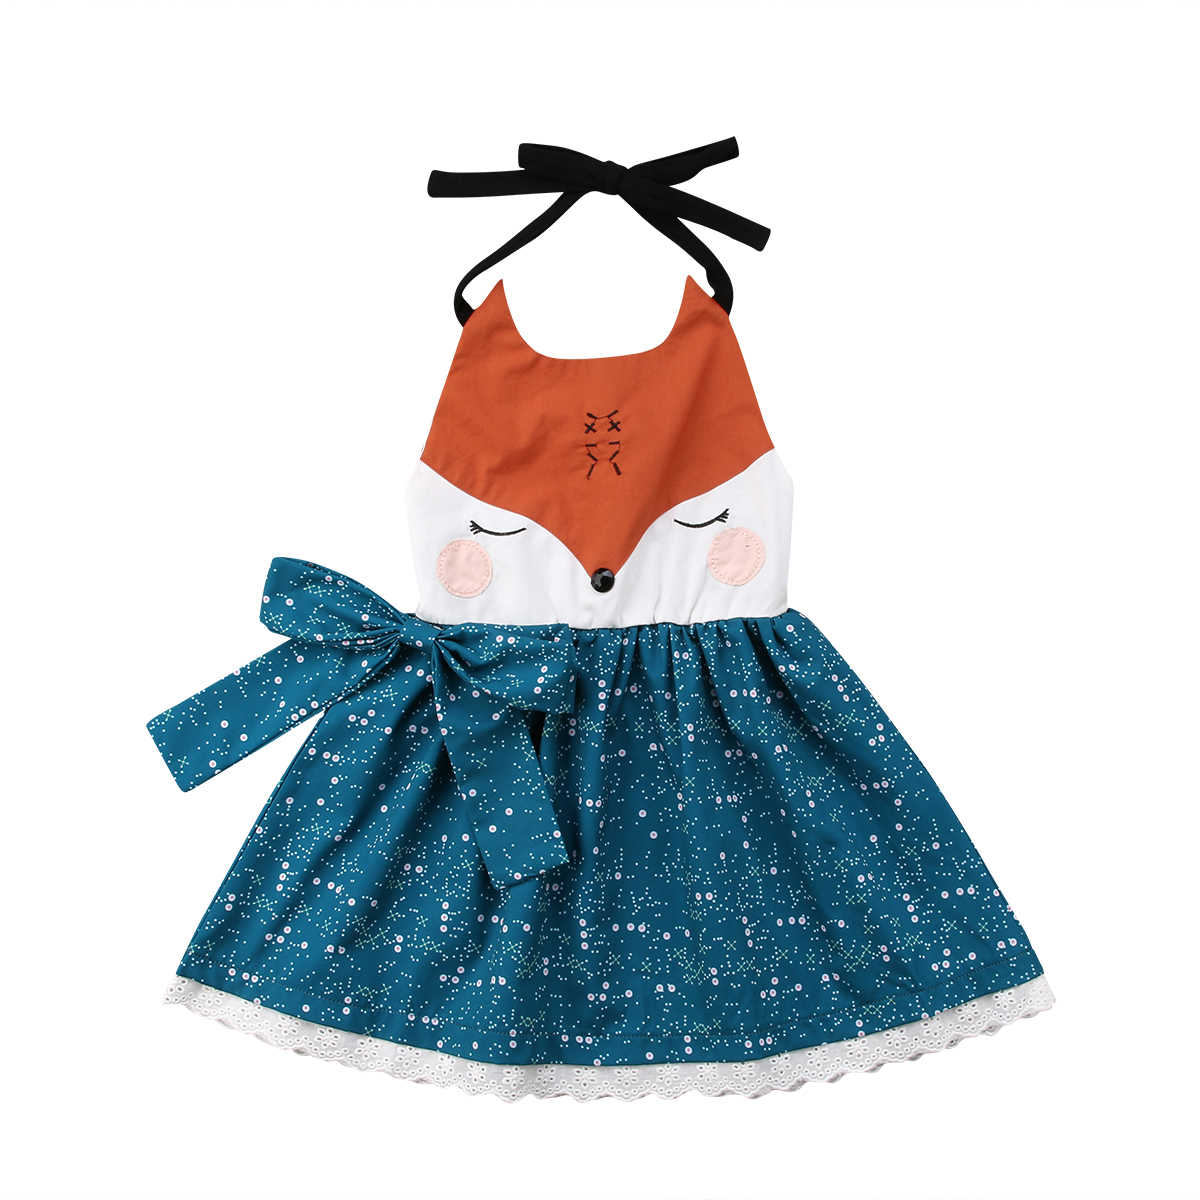 cda5c1fcf Pudcoco princesa vestido de bebé recién nacido bebé niñas vestido de algodón  Animal vestido